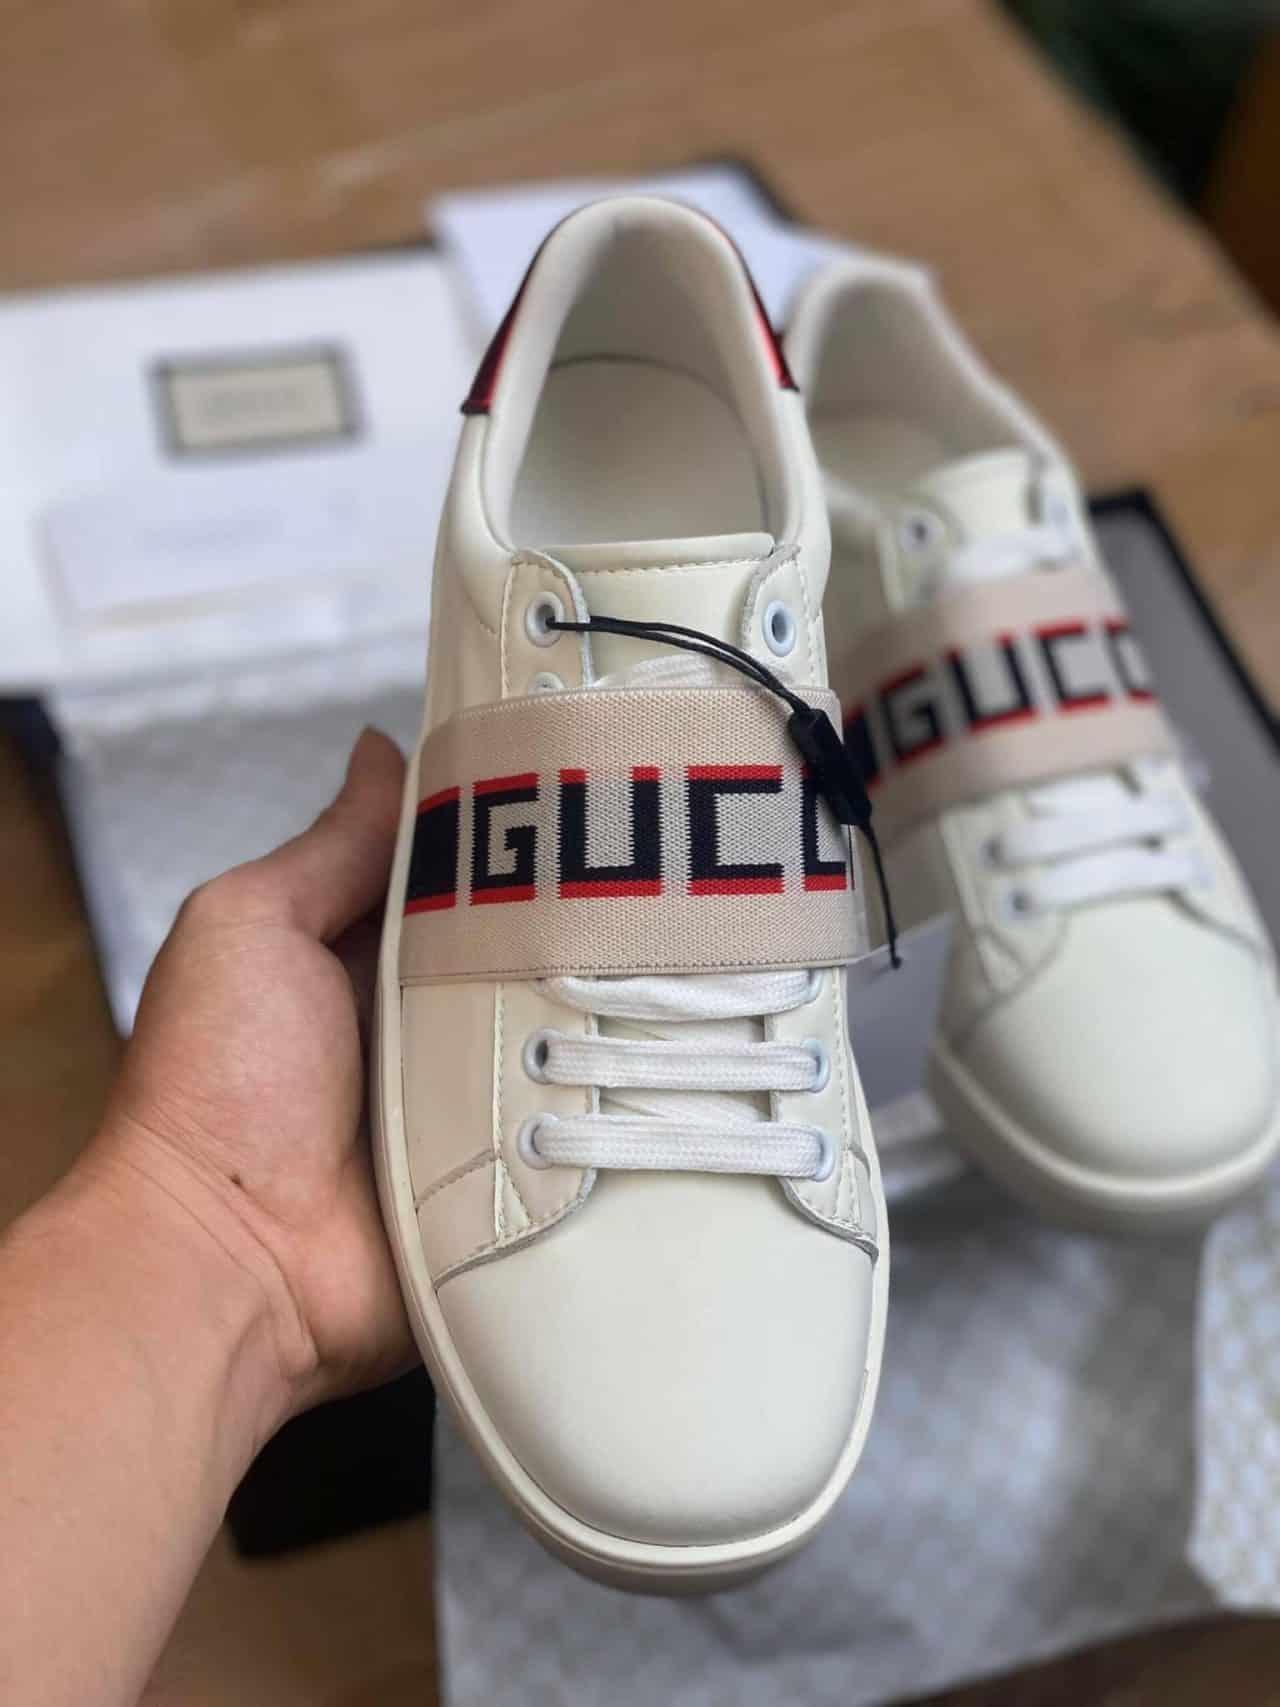 Giày Gucci Đai Chun Rep 1:1 là thiết kế đột phá gây ấn tượng mạnh